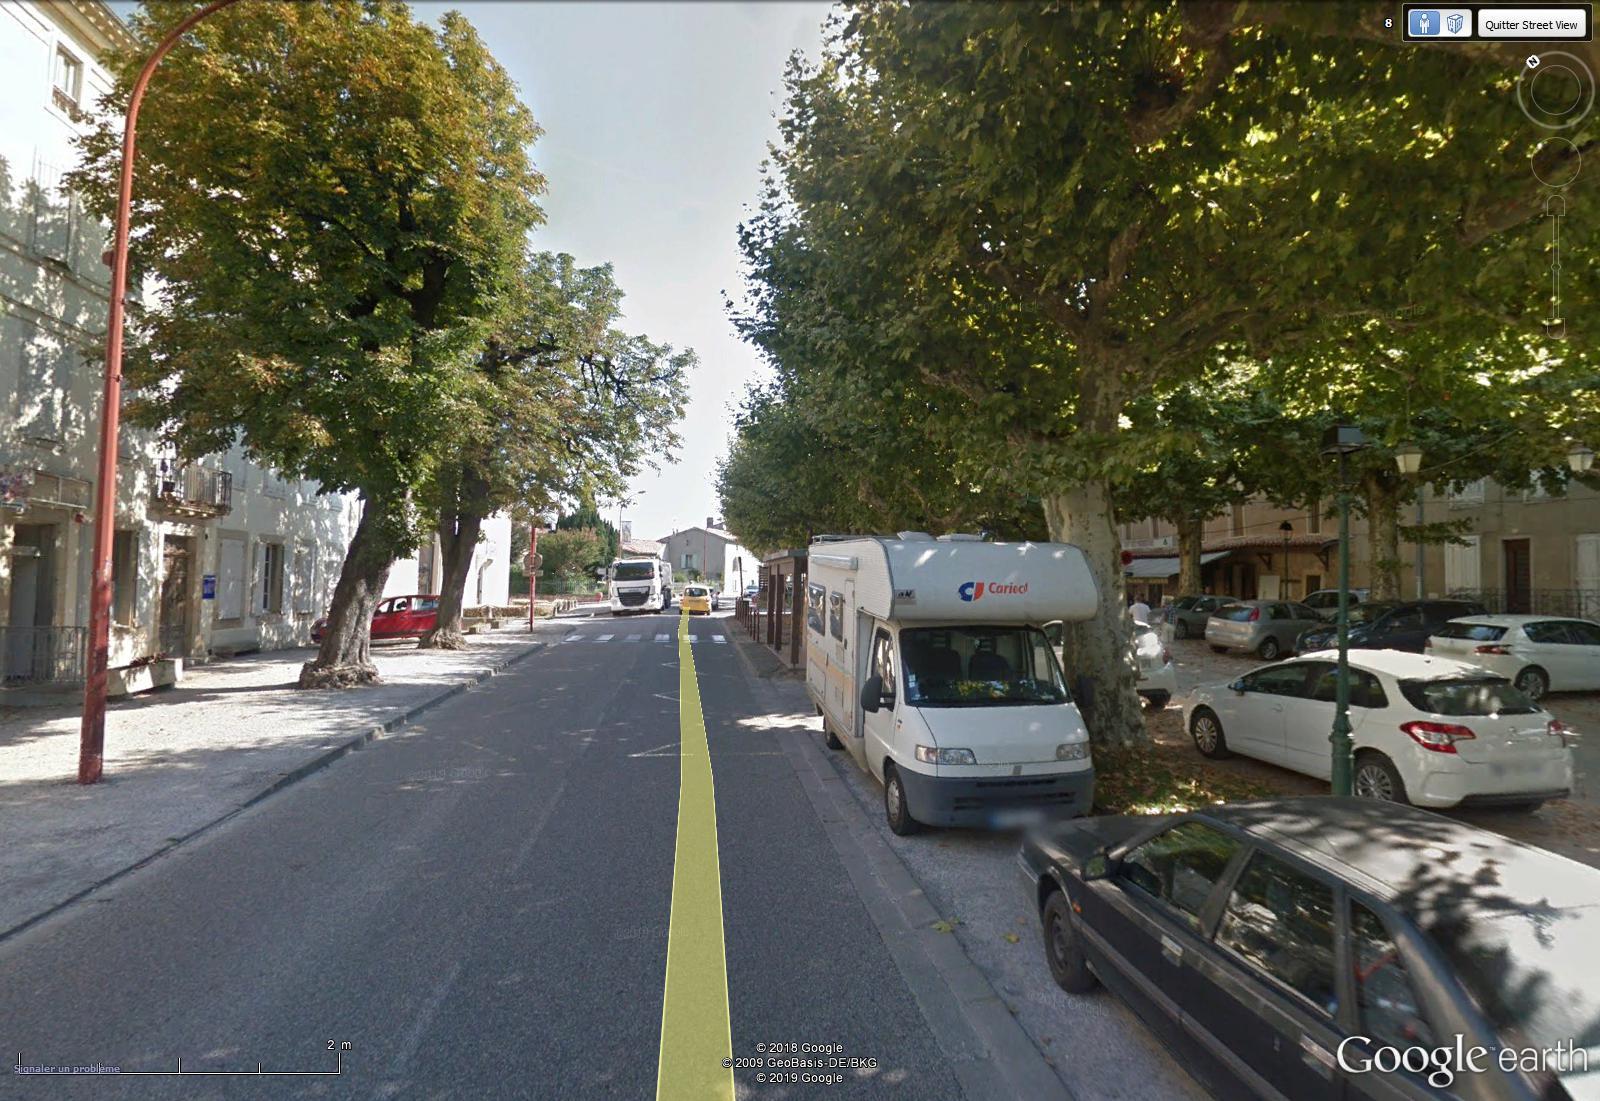 [résolu] Enlever cette fichue ligne jaune en street view - Page 2 Essai_13